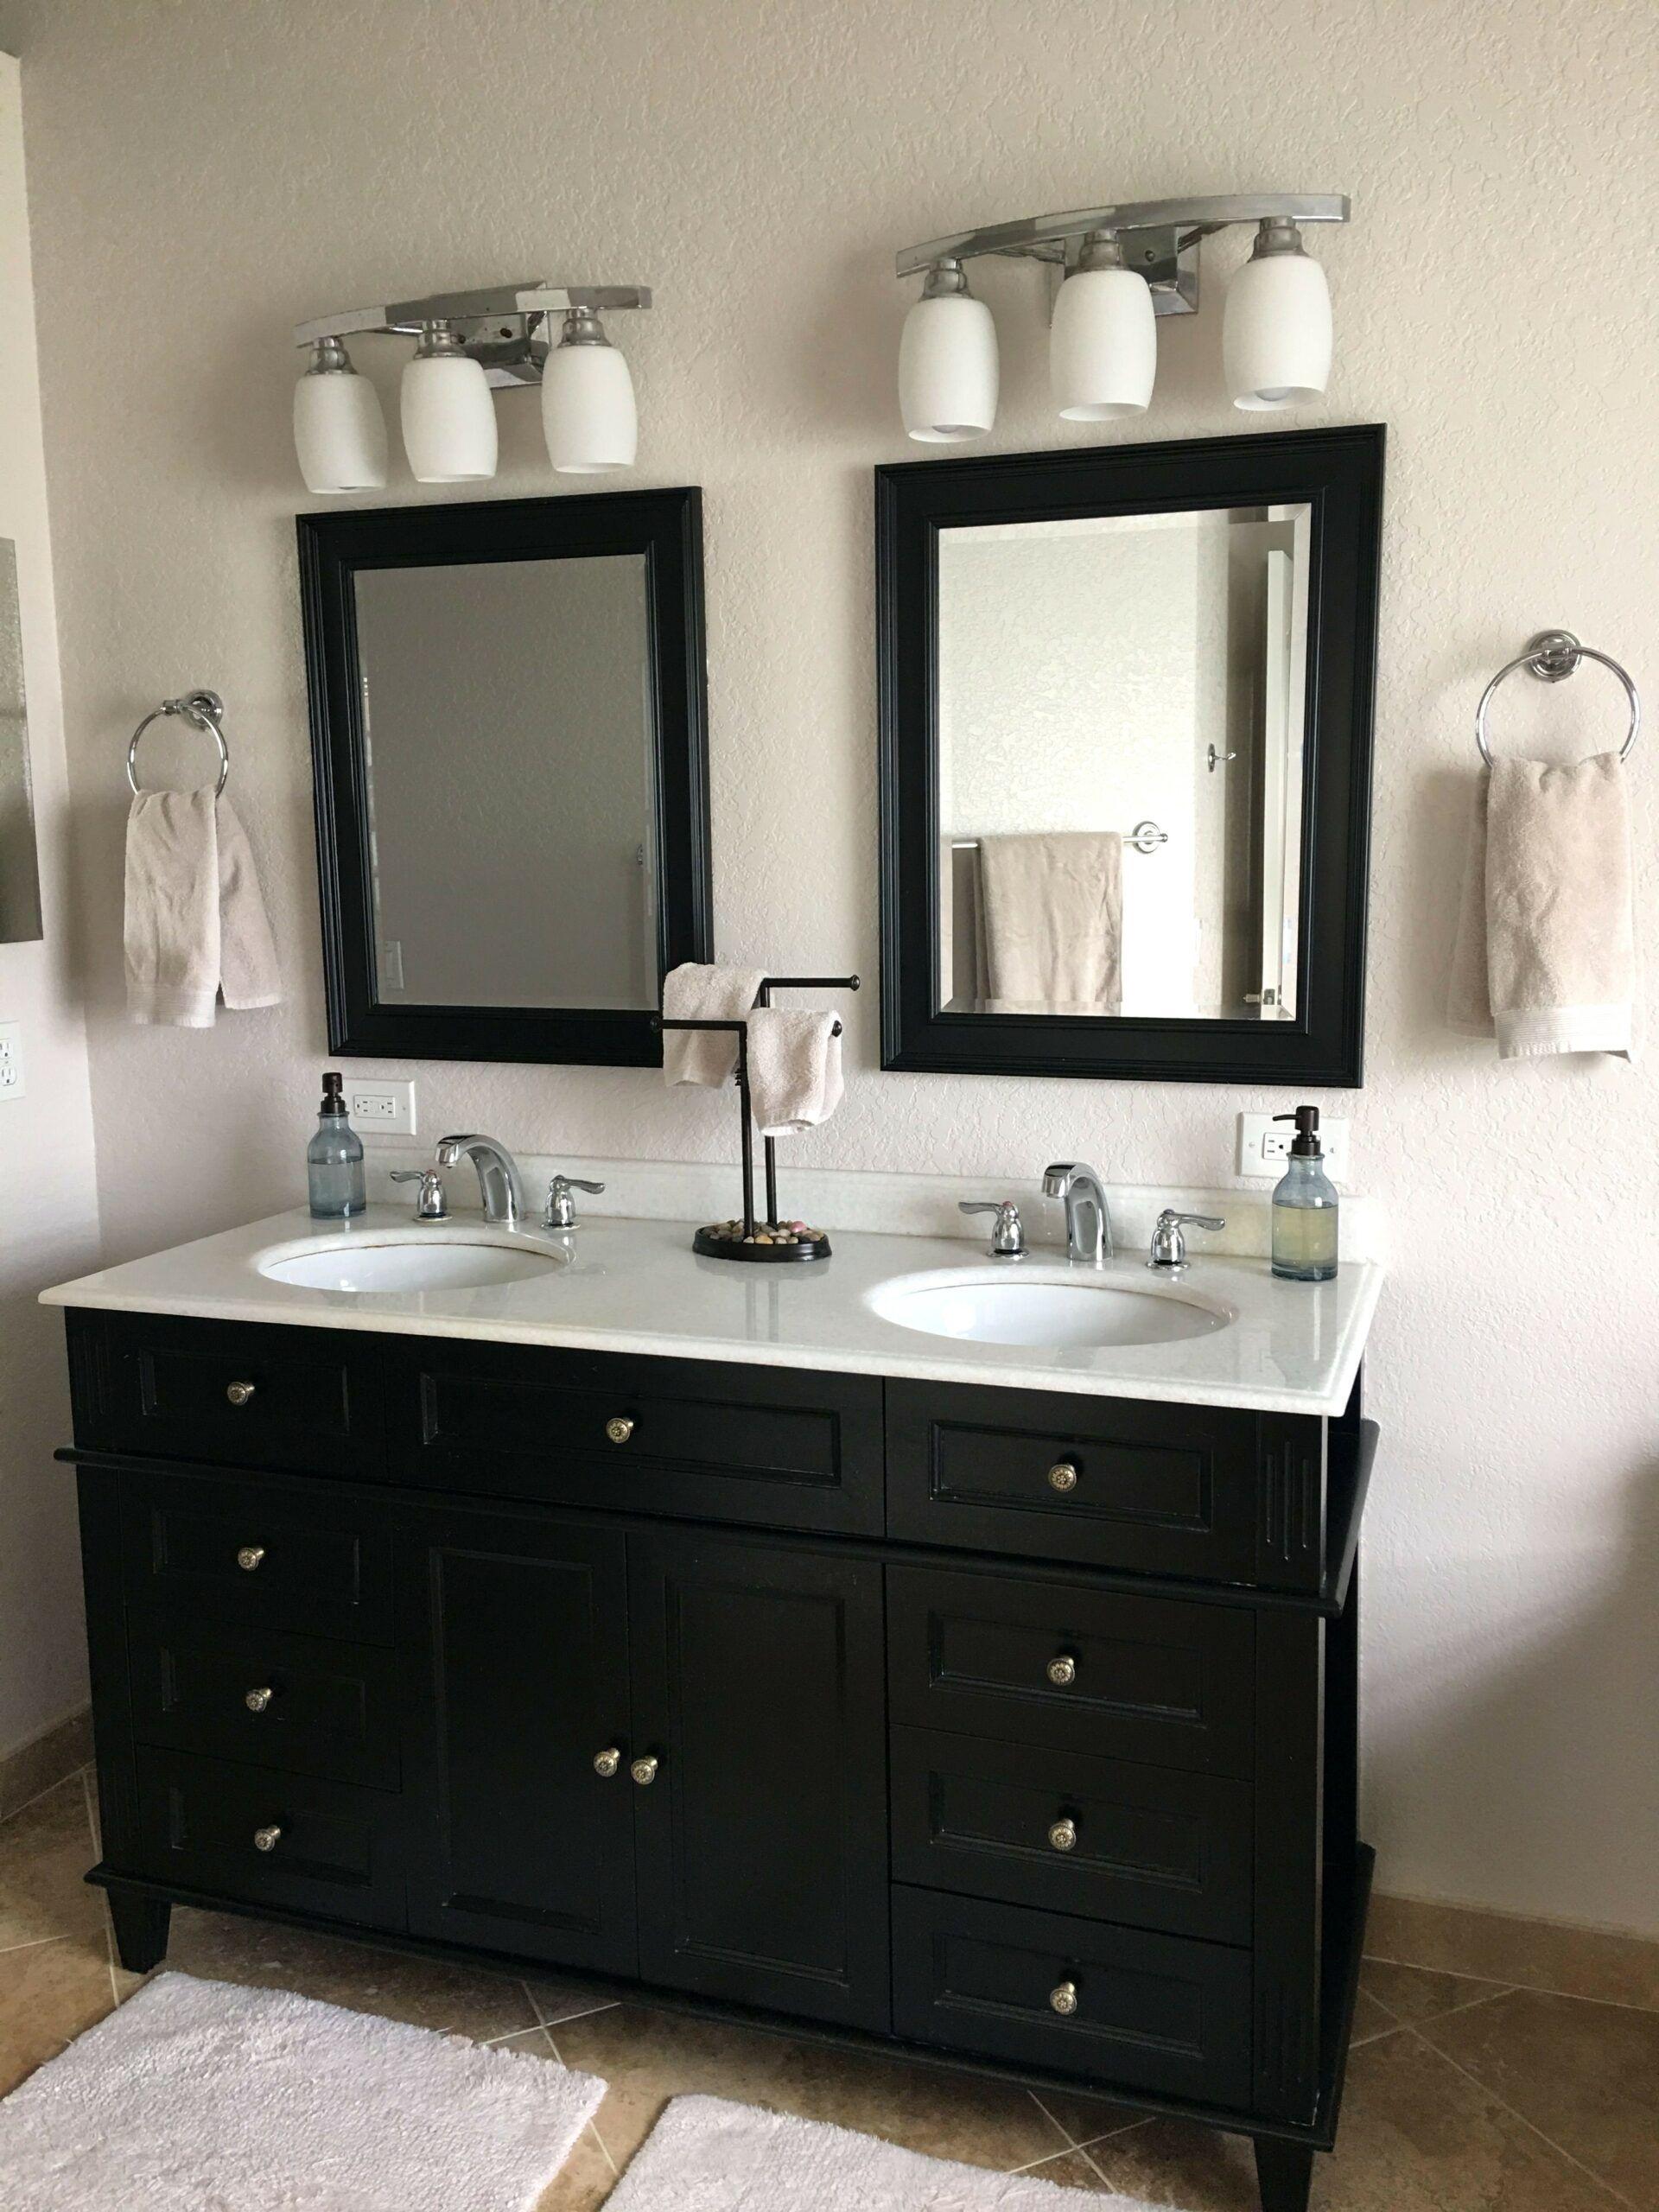 Behr Bathroom Paint Color Ideas In 2020 Diy Bathroom Remodel Bathroom Paint Colors Behr Bathroom Colors